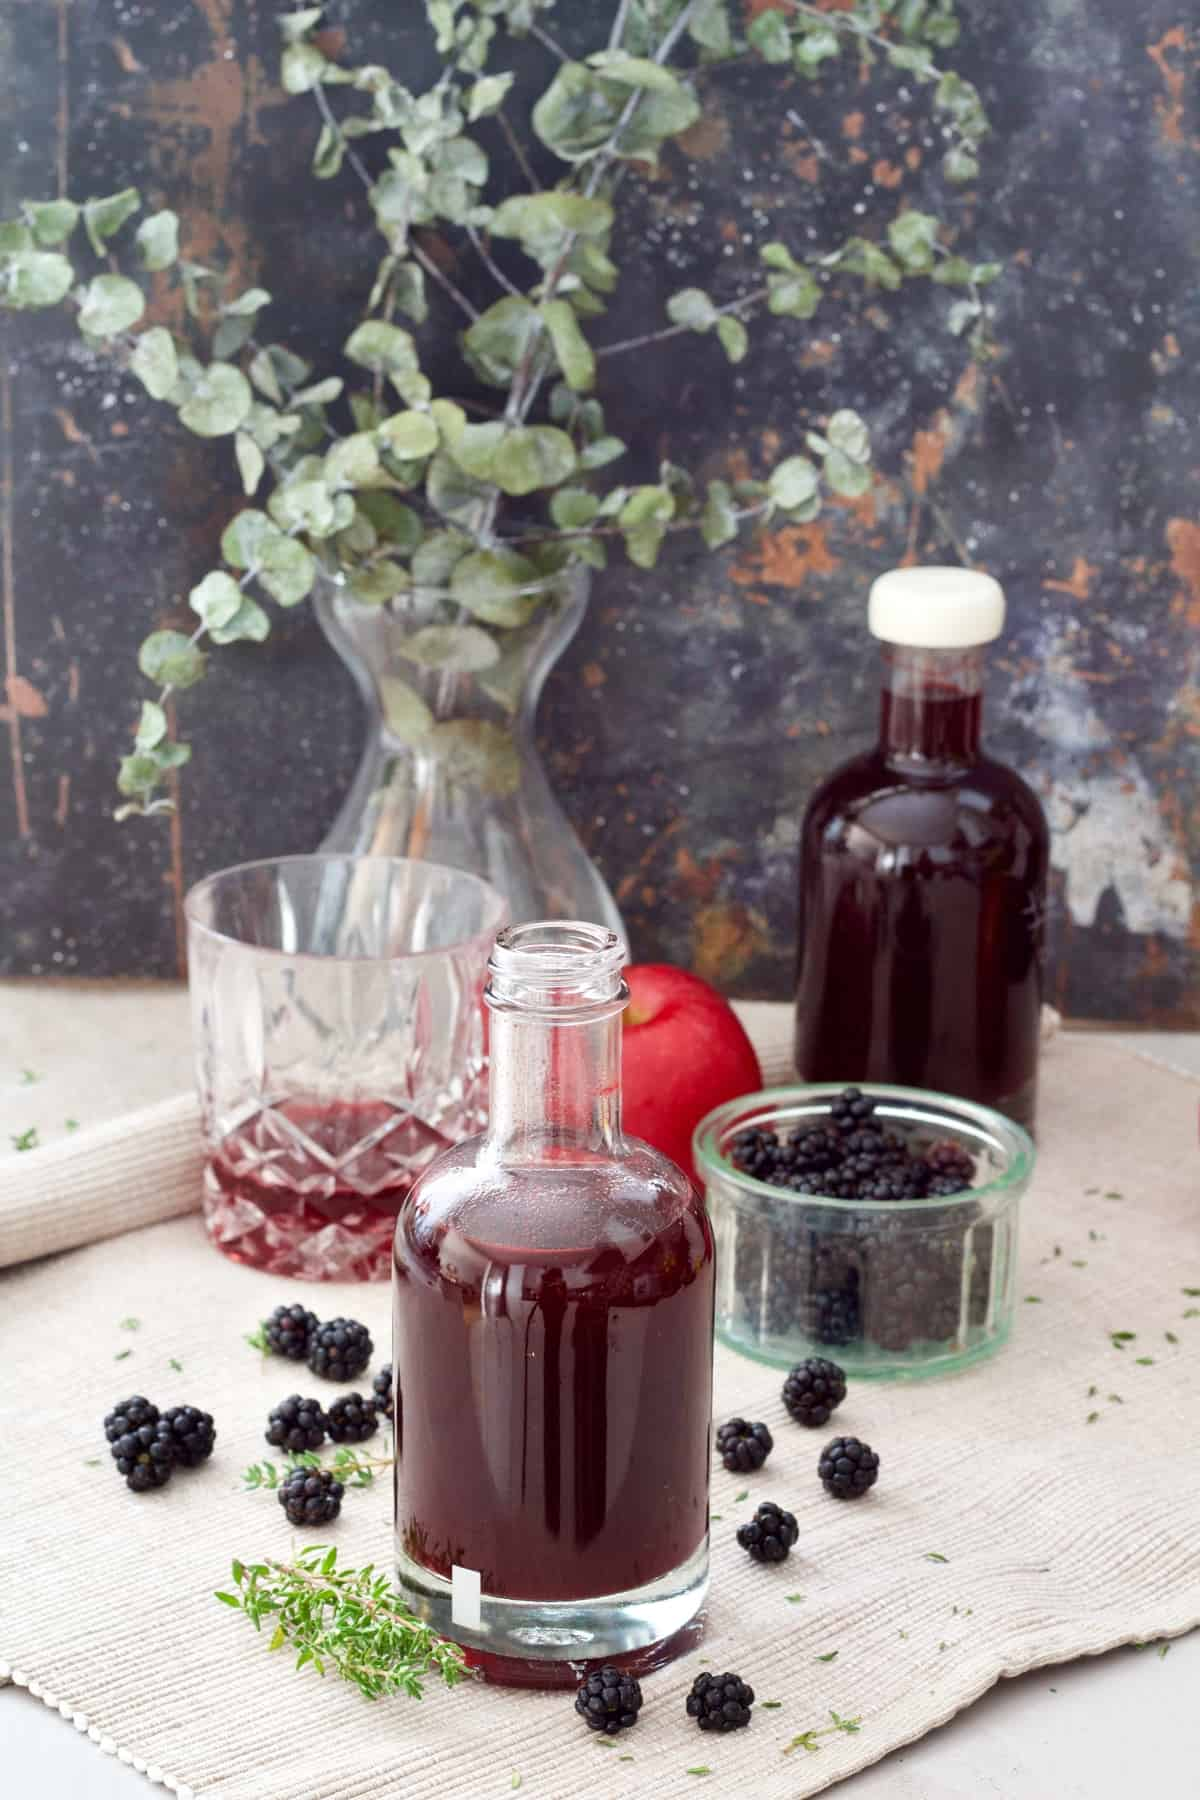 Open bottle of vinegar and scattered blackberries.